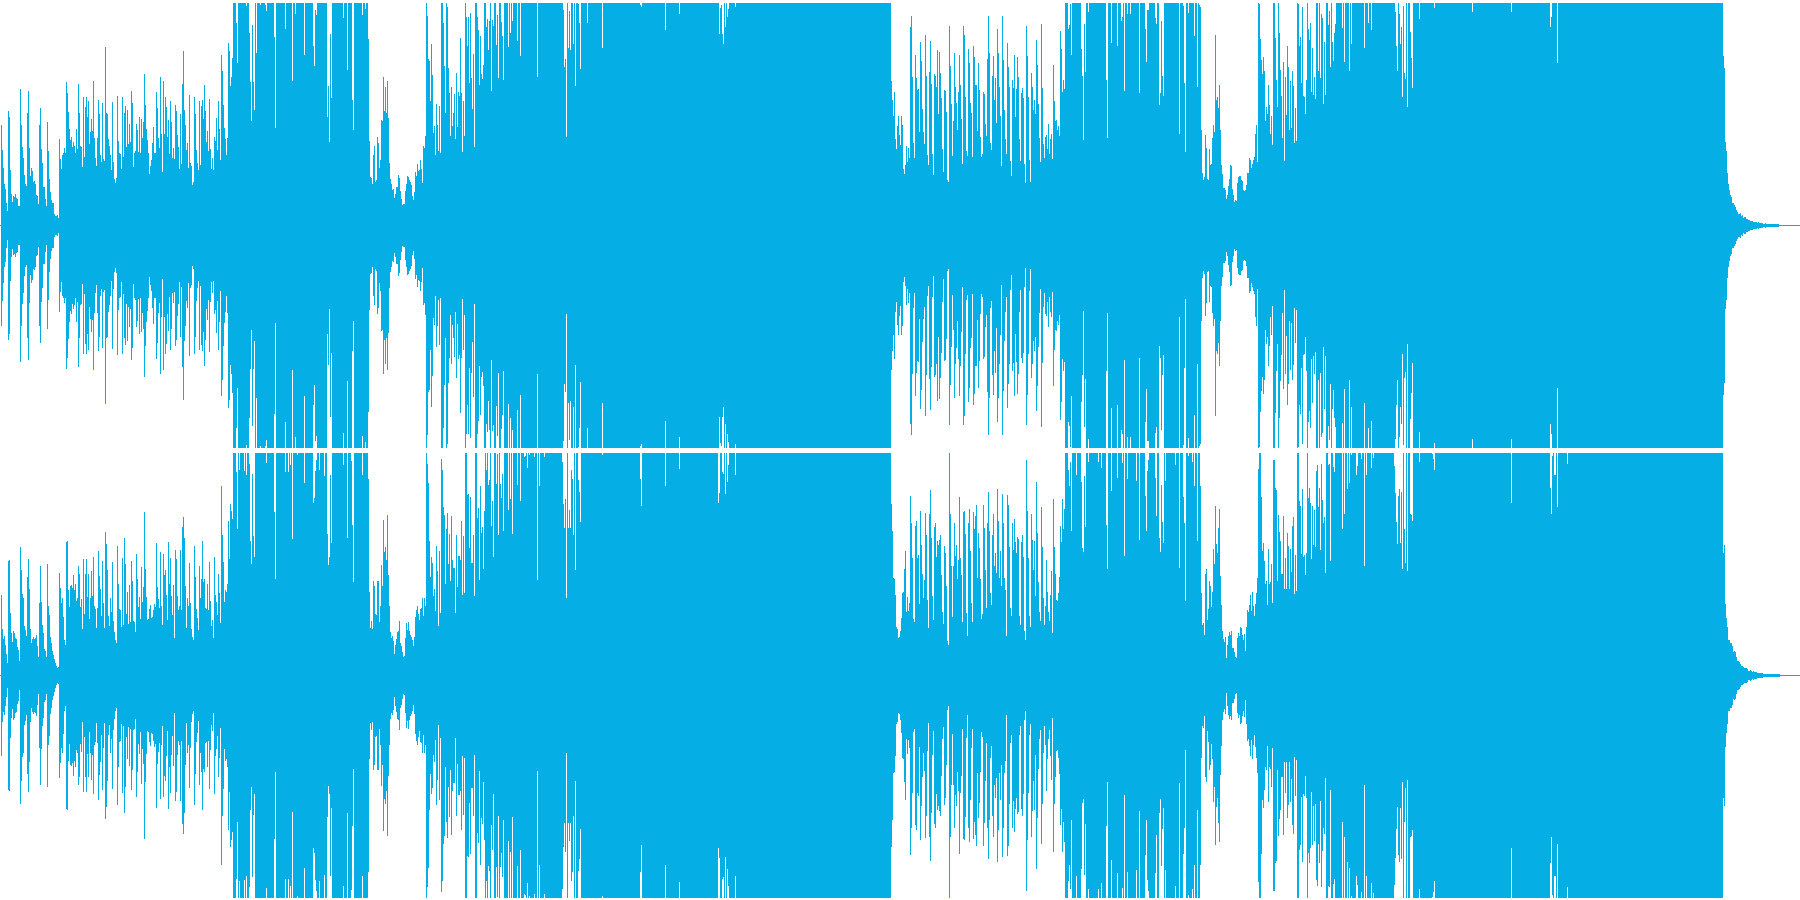 琴で奏でるFuture Bassの和風曲の再生済みの波形